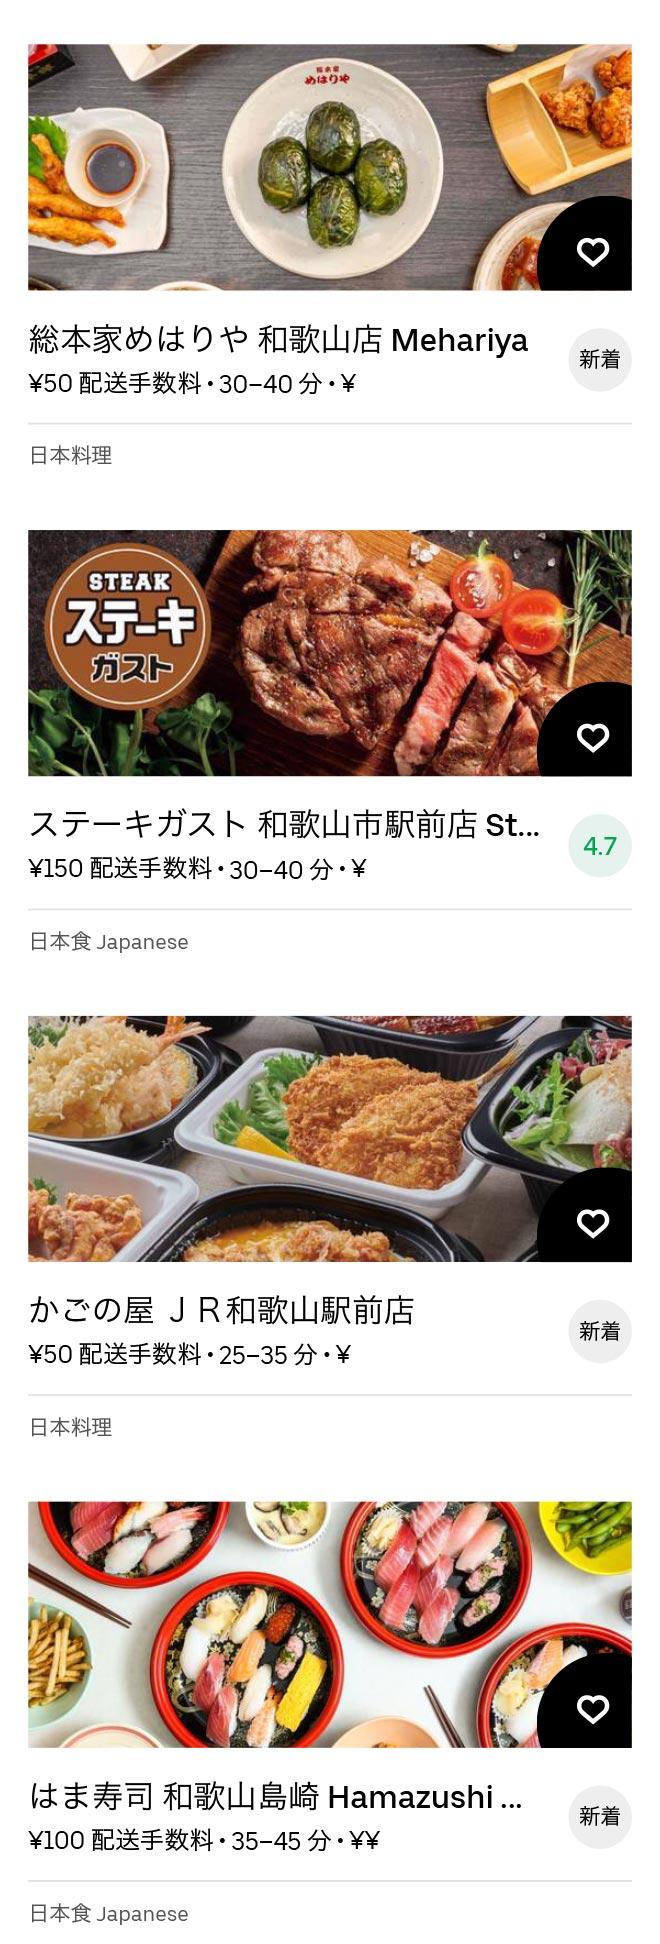 Wakayama menu 2011 4